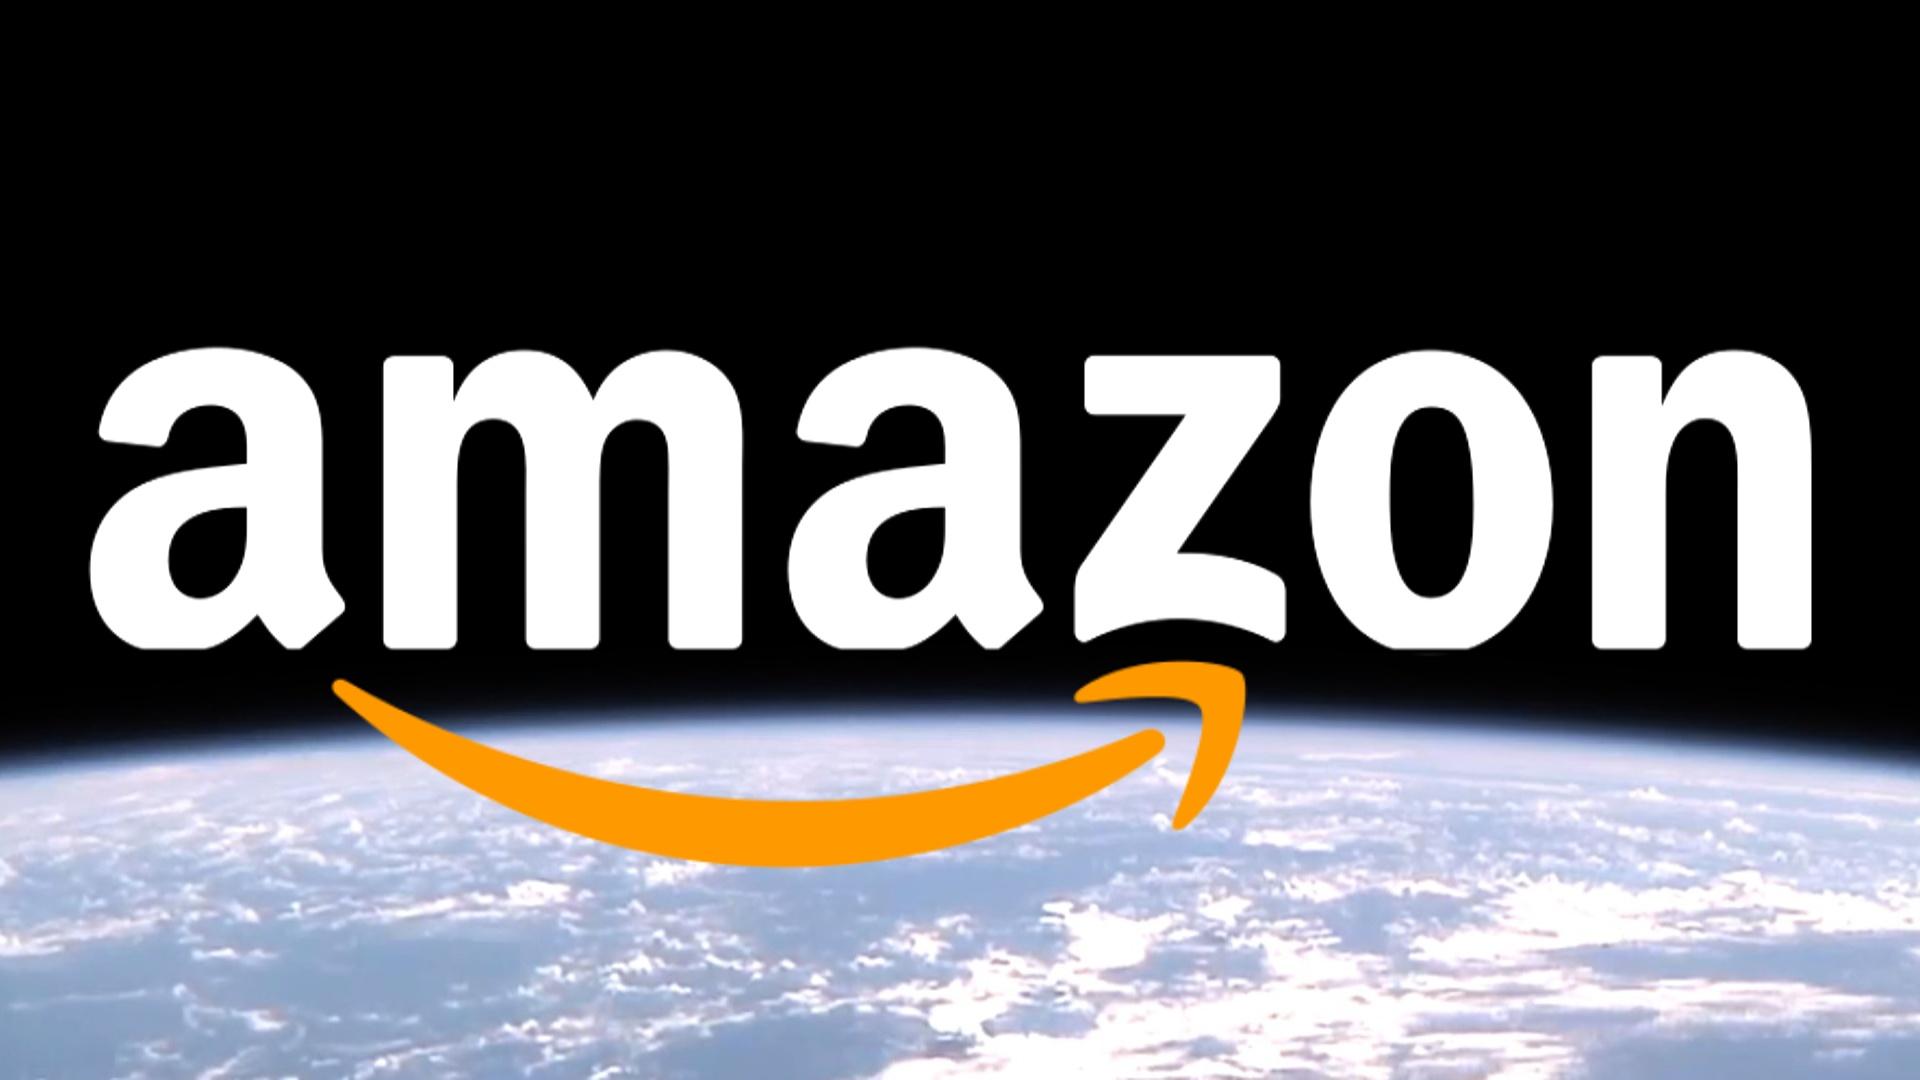 Σχέδια της Amazon για αλυσίδα σούπερ μάρκετ